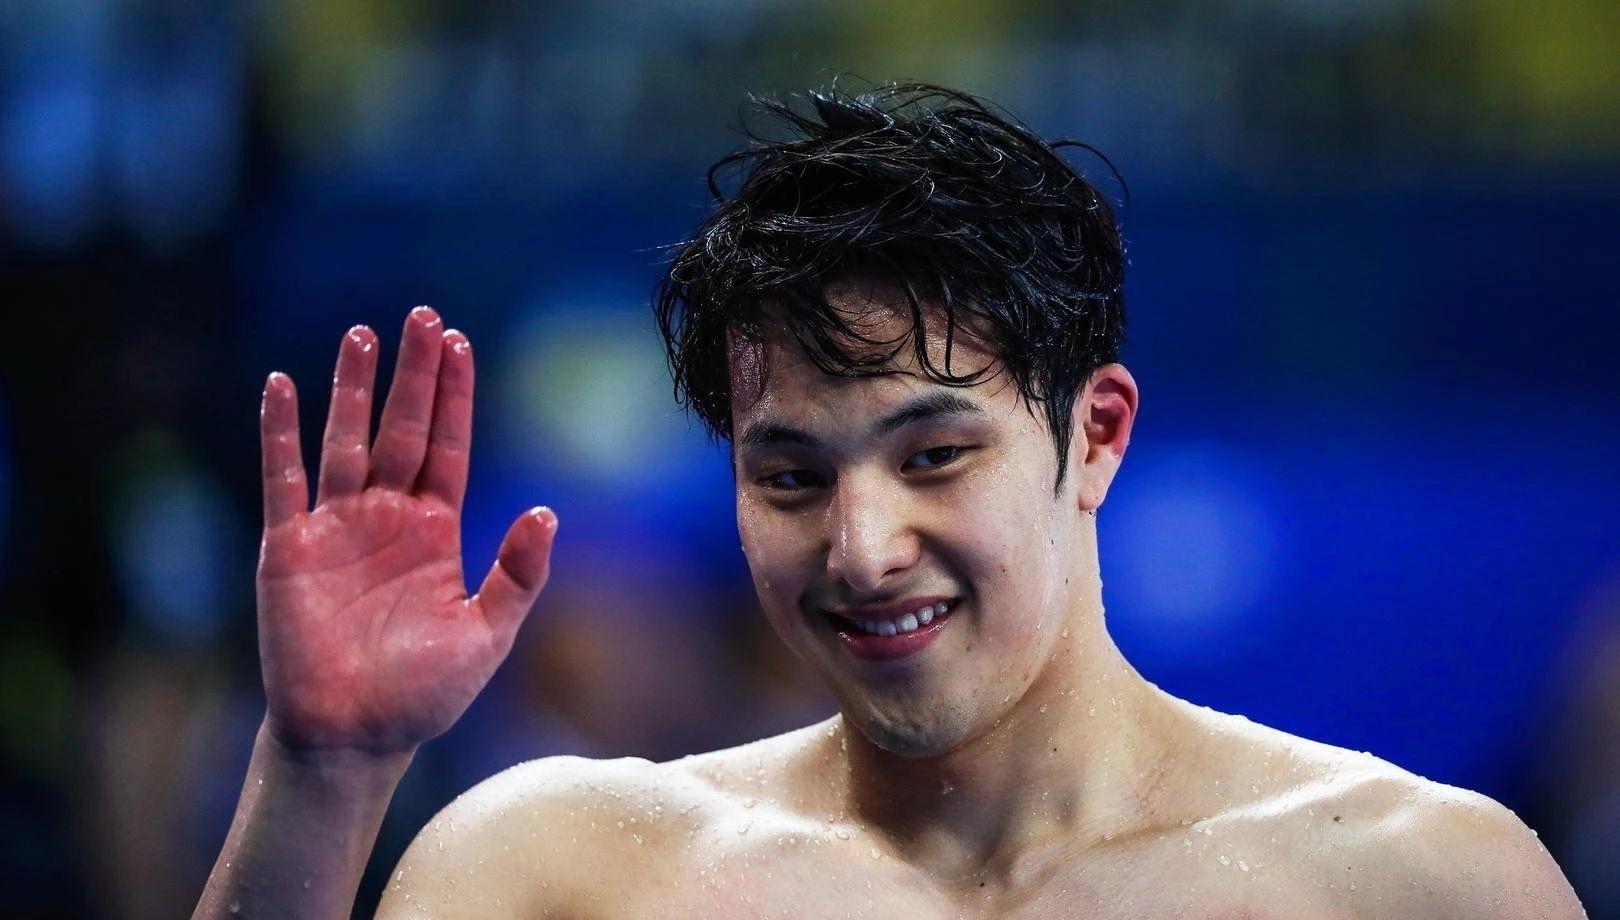 奥运夺冠失利的濑户大也过往的出轨丑闻也被网友挖出来疯狂炎上 (7)